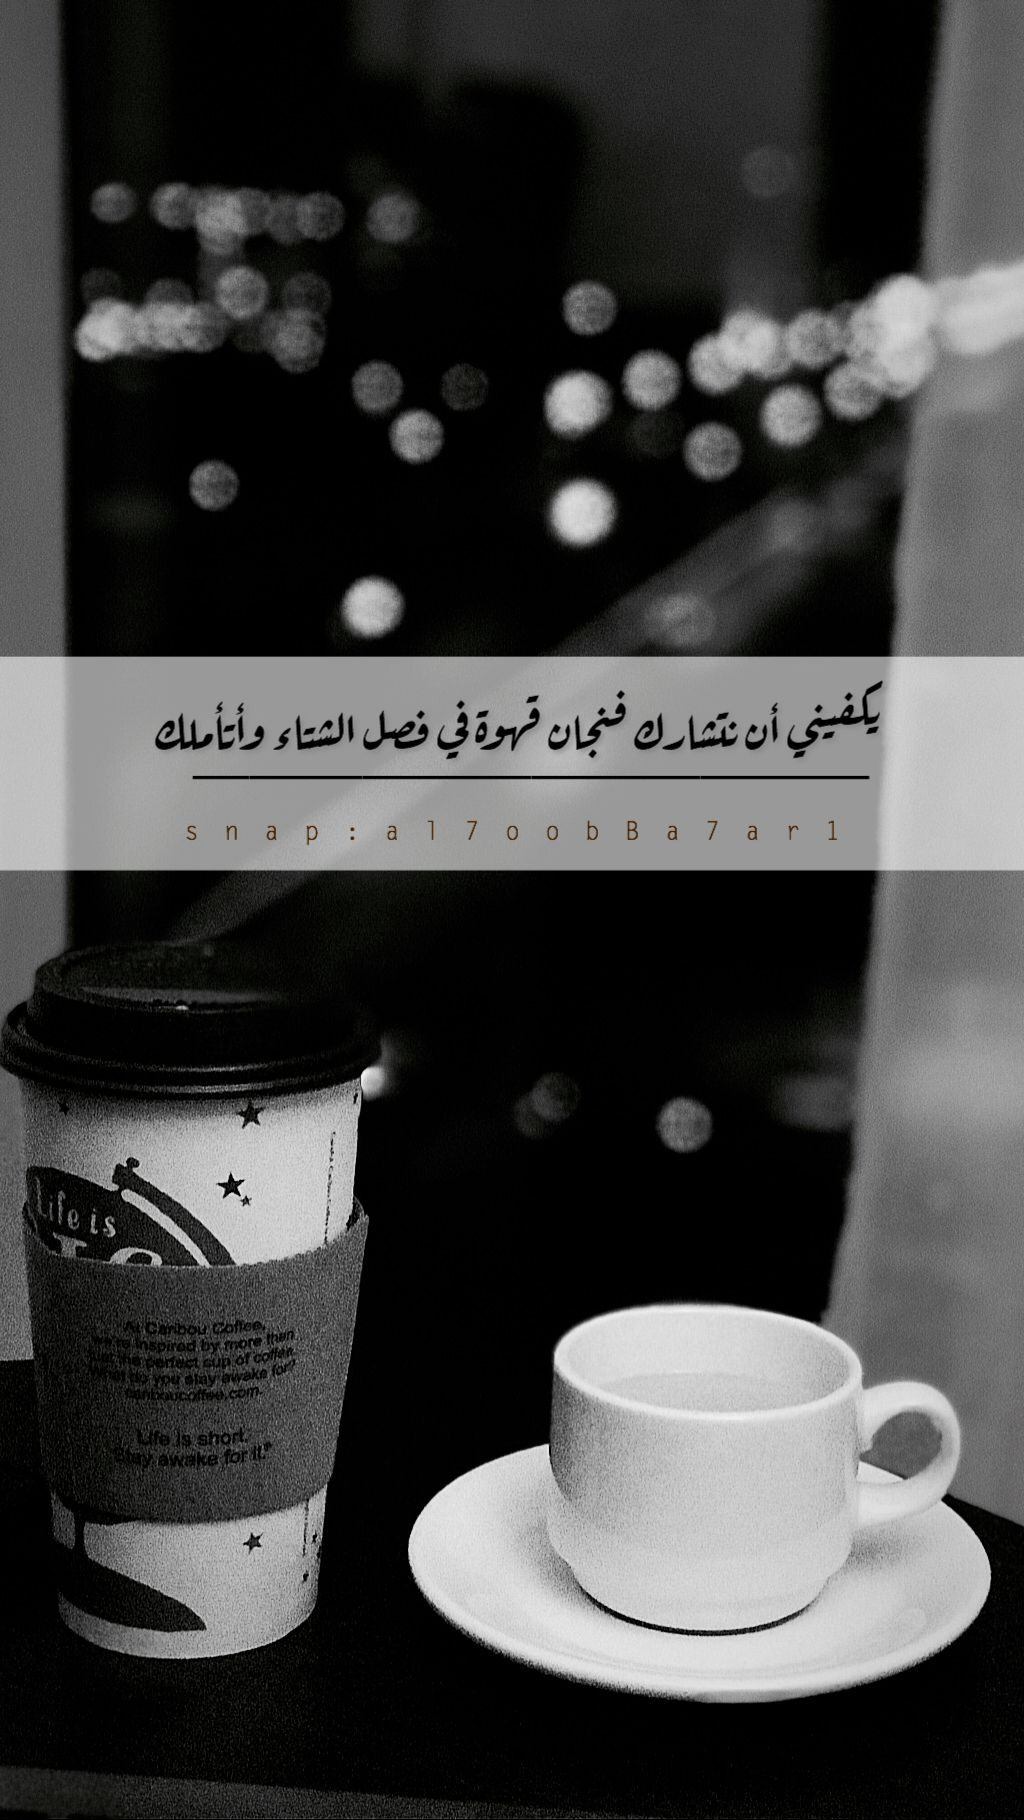 همسه يكفيني أن نتشارك فنجان قهوة في فصل الشتاء وأتأملك تصويري تصويري سناب عزل بورتريه ايفون٧بلس تصميمي تصم Coffee Quotes Coffee Tea Coffee